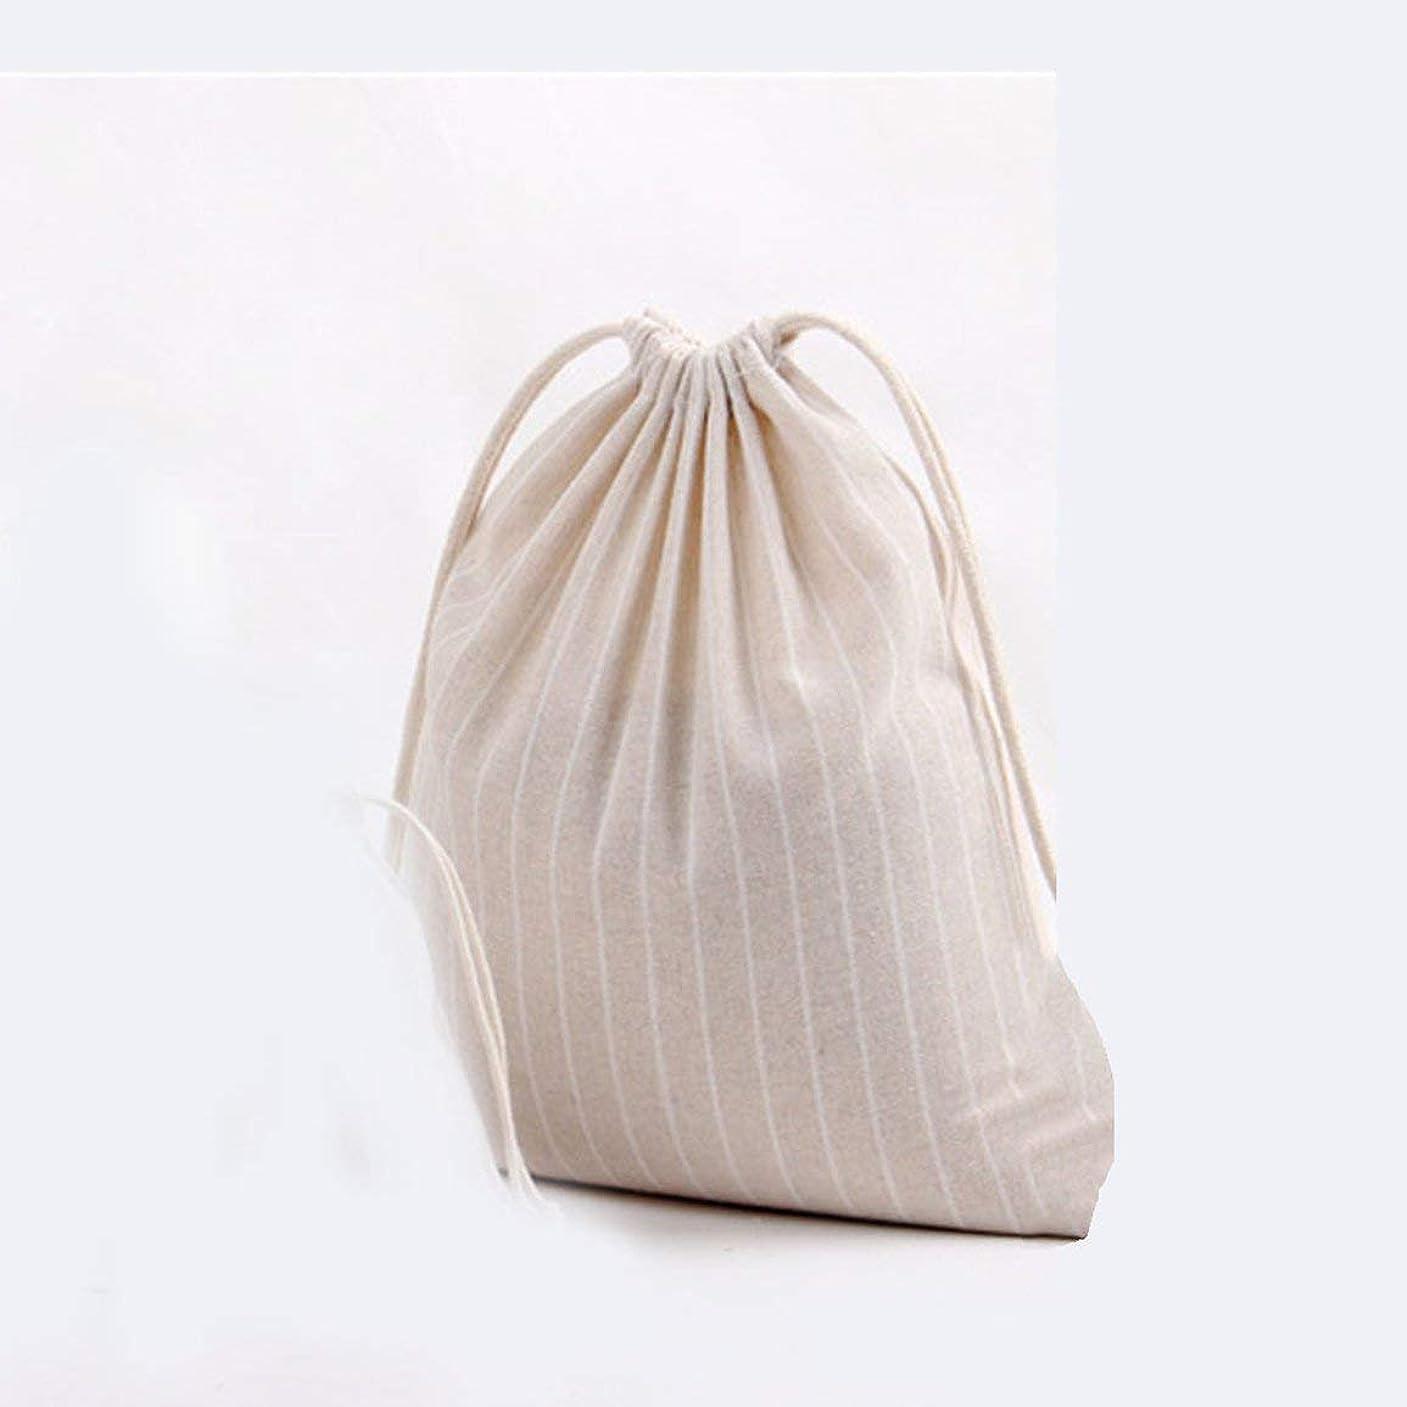 唇近似私達ストライプコットンバッグギフトキャンディティー巾着ポーチストレージバッグオーガナイザーバギーバッグポケットホルダーコンテナーホップポケット-ベージュM